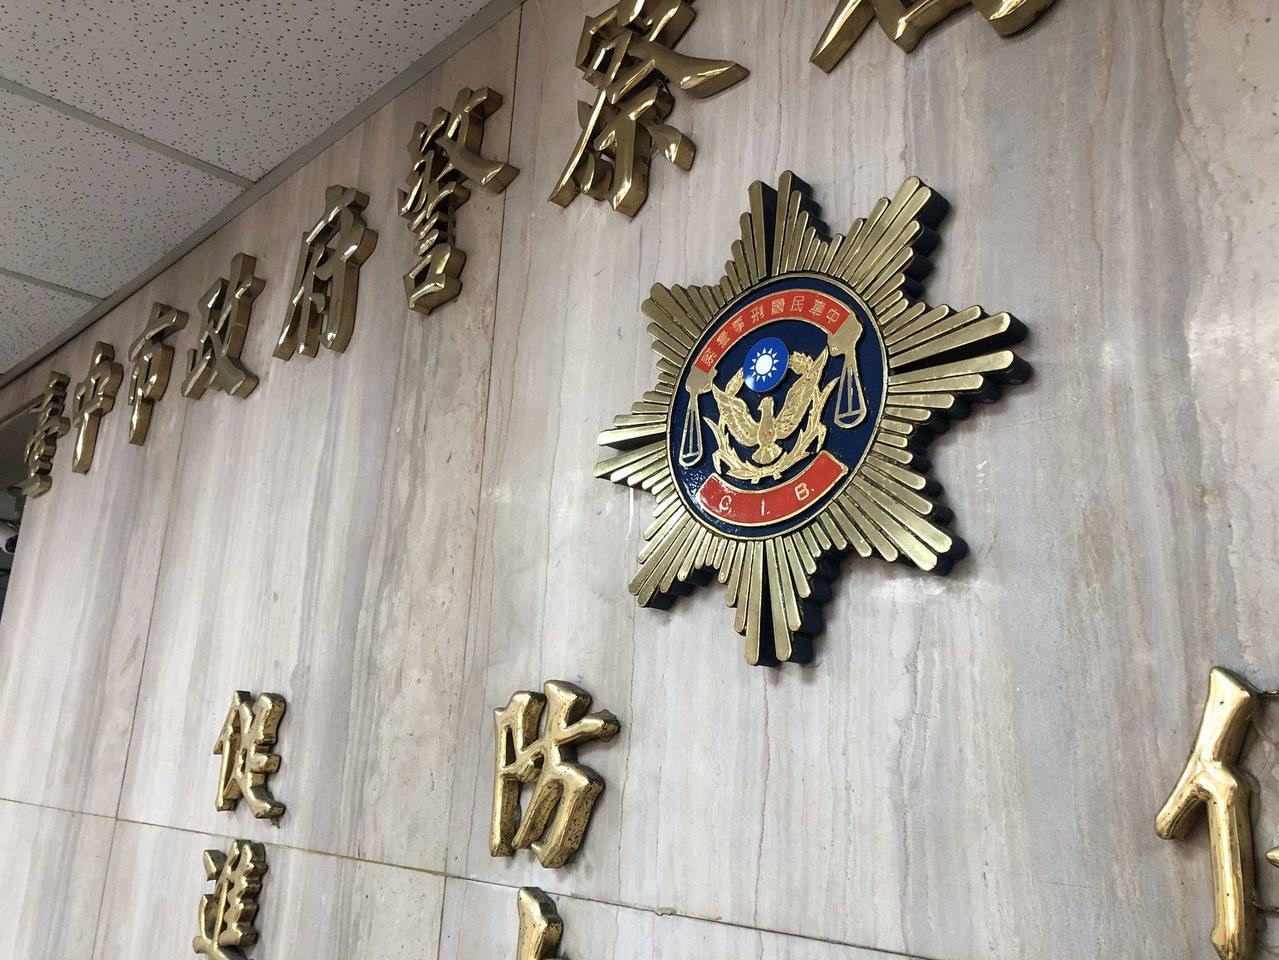 隨著明年大選投票日接近,台中市警局緊鑼密鼓布雷,查緝違反選罷法案件。記者陳宏睿/...